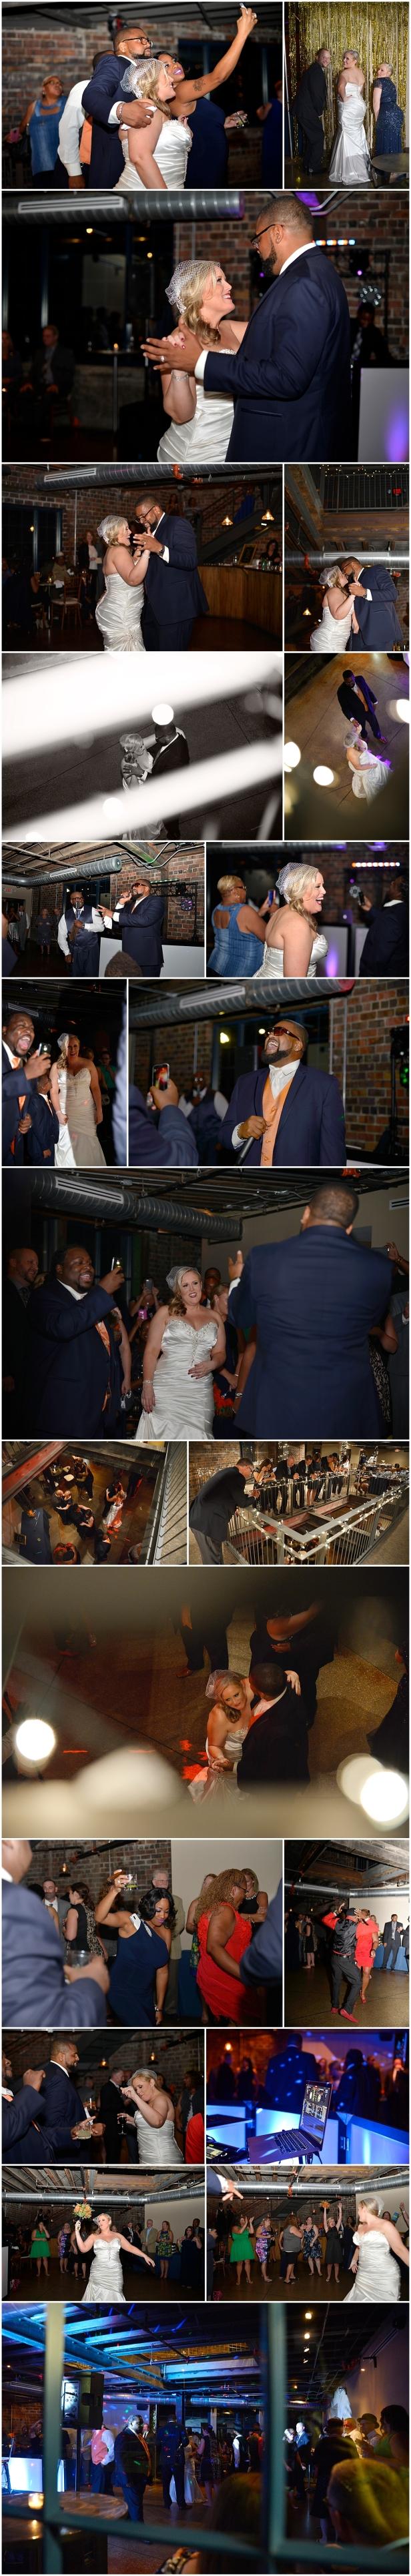 rustic-wedding-venues-columbus-ohio